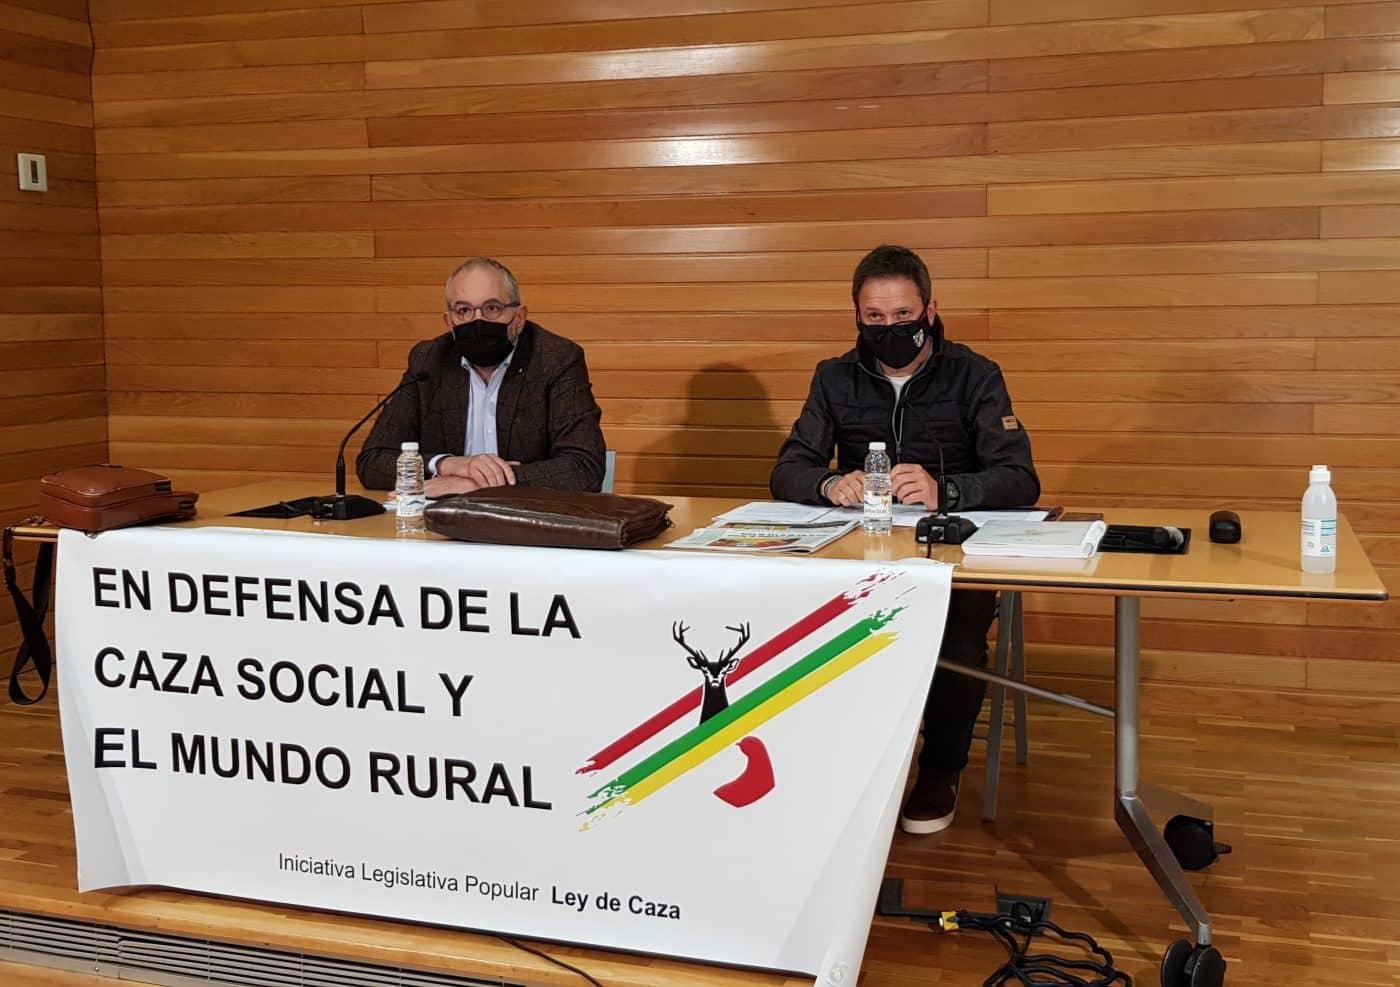 Federación Riojana de Caza